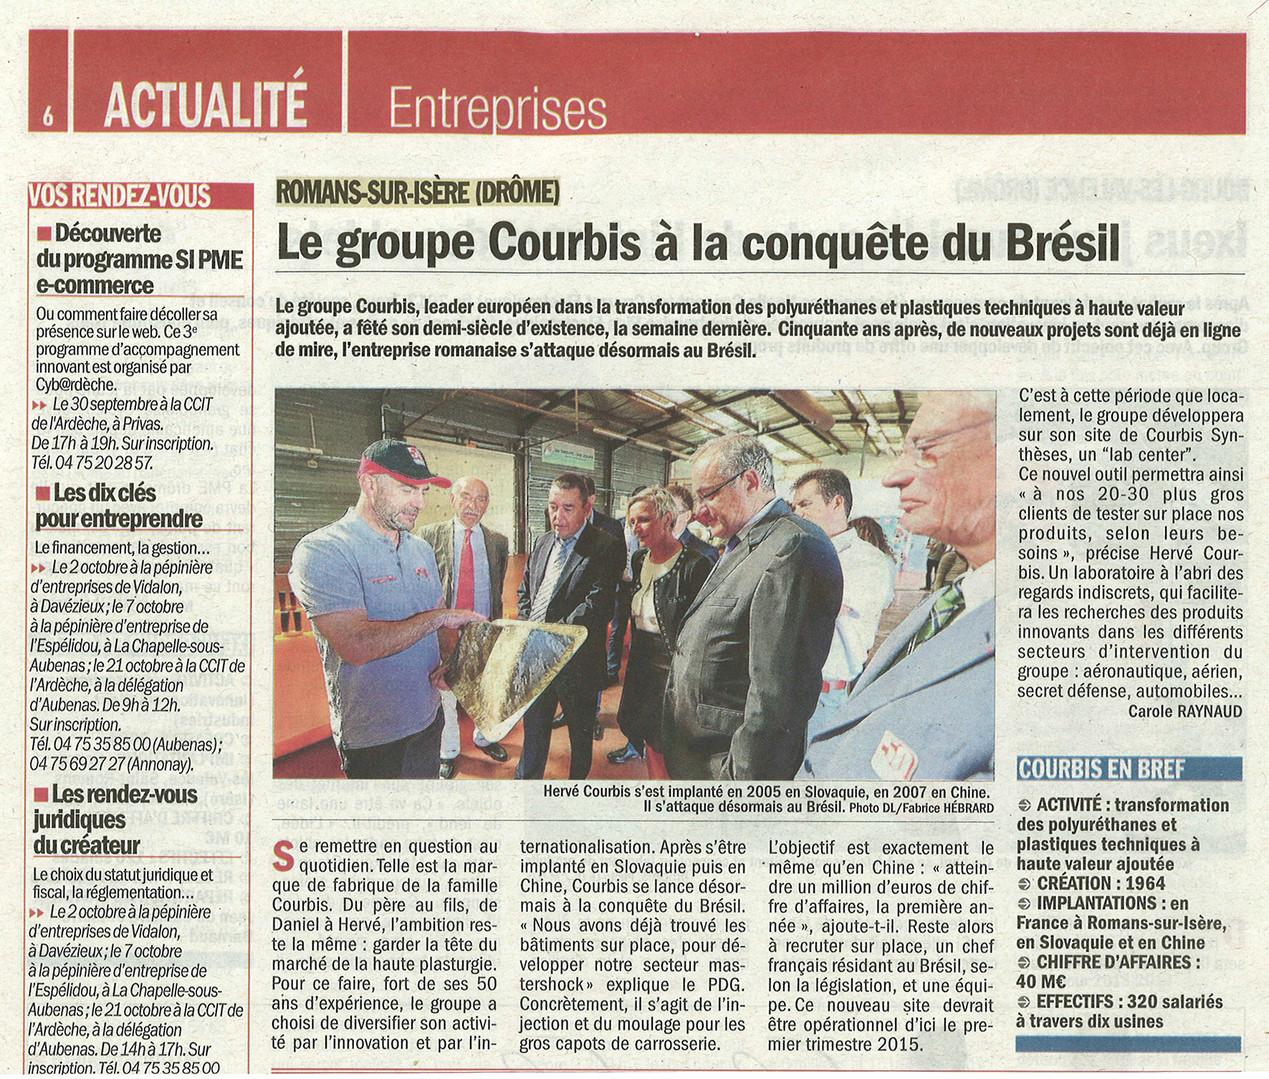 22.09.2014 Dauphiné Libéré